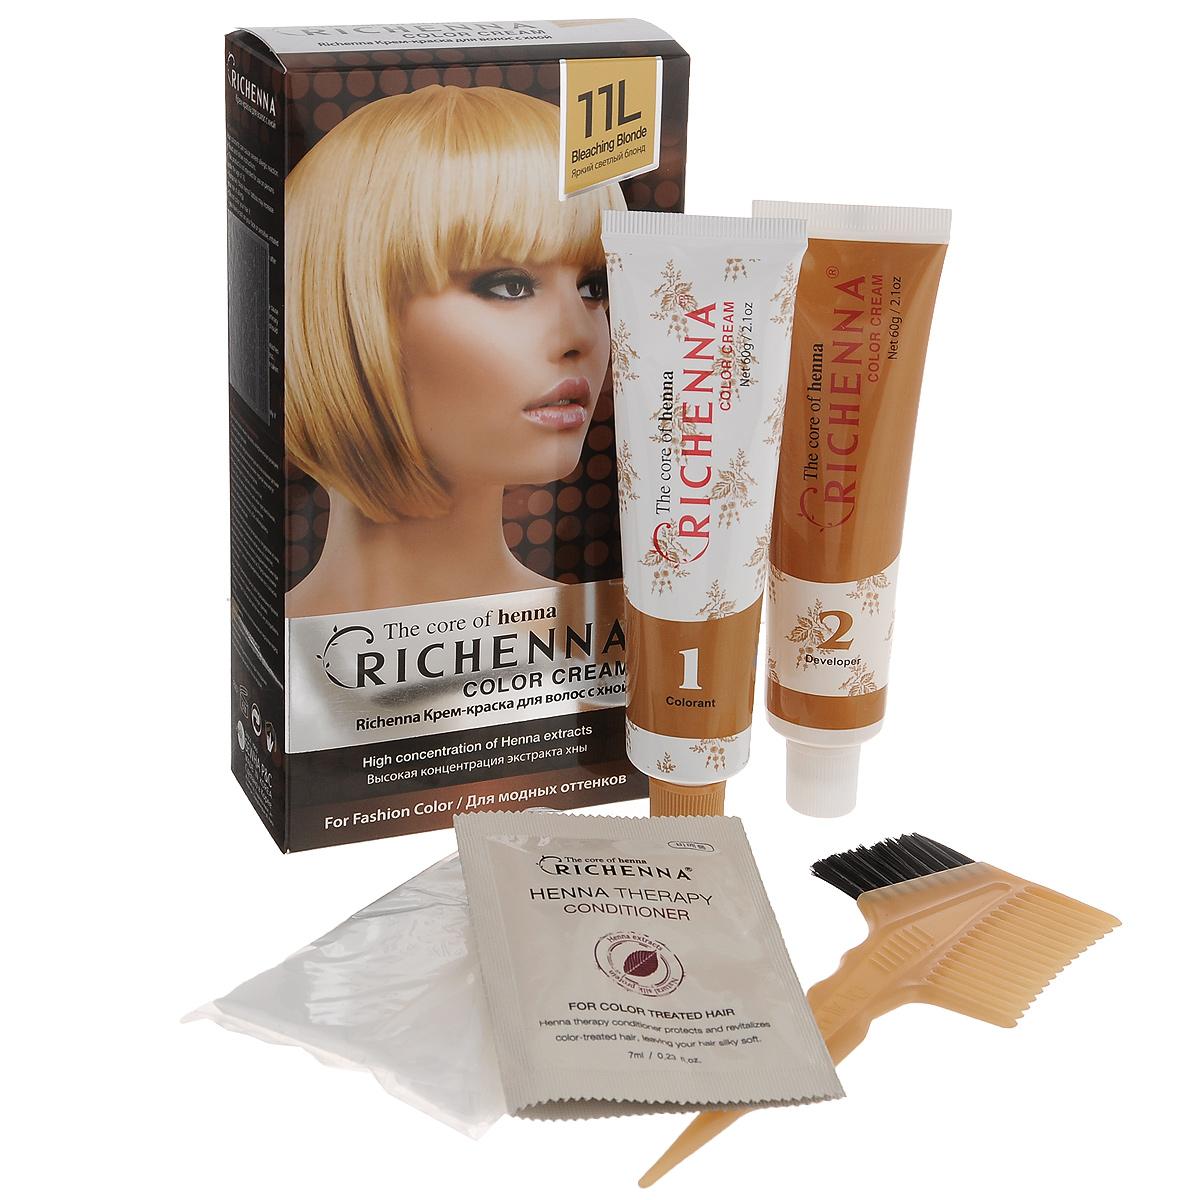 Крем-краска для волос Richenna с хной, 11L. Яркий светлый блондин29009Крем-краска для волос Richenna с хной рекомендуется для безопасного изменения цвета волос, полного окрашивания седых волос и в случае повышенной чувствительности к искусственным компонентам краски для волос. Высокая концентрация экстракта хны в составе крем-краски позволяет уменьшить повреждение волос, сделать их эластичными и здоровыми, придает волосам живой цвет и красивый блеск. Не раздражая кожу, крем-краска полностью закрашивает седину и обладает приятным цветочным ароматом. Упаковка средства в 2-х отдельных тубах позволяет использовать средство несколько раз в зависимости от объема и длины волос. Благодаря кремовой текстуре хорошо наносится и не течет. Время окрашивания 20-30 мин.